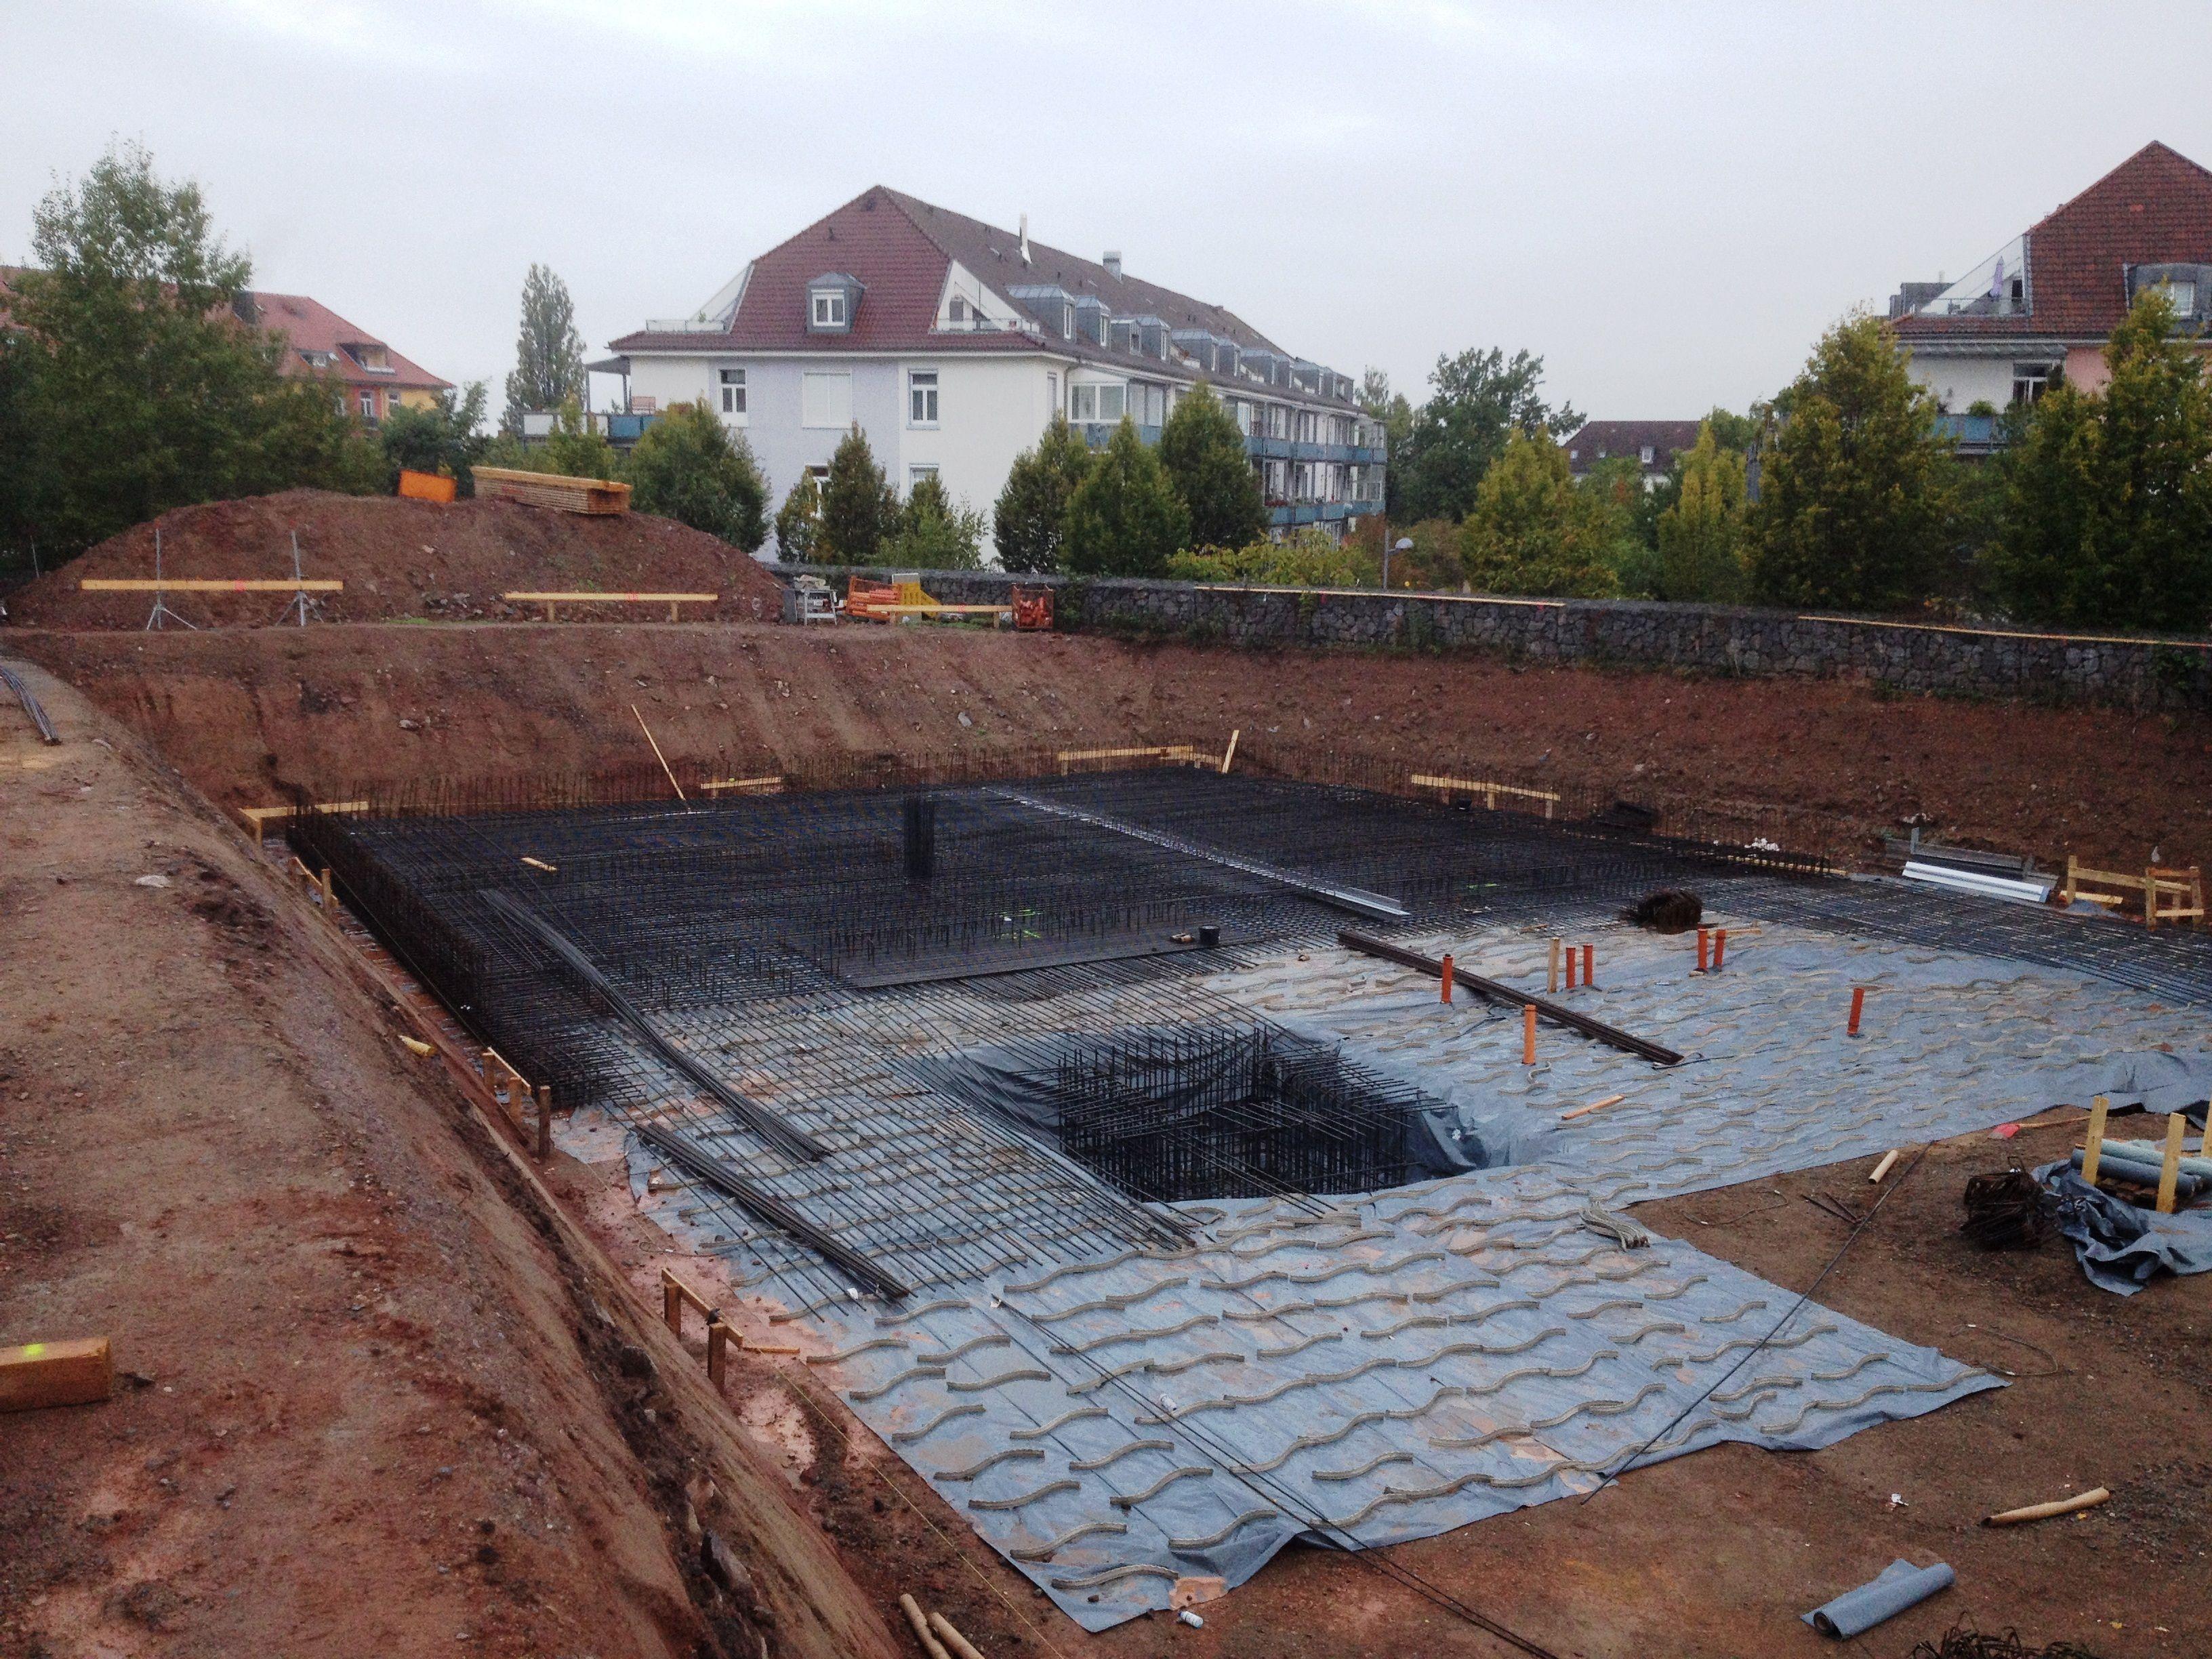 Bautenstand 23.09.2014 Die Bewehrung der Bodenplatte ist